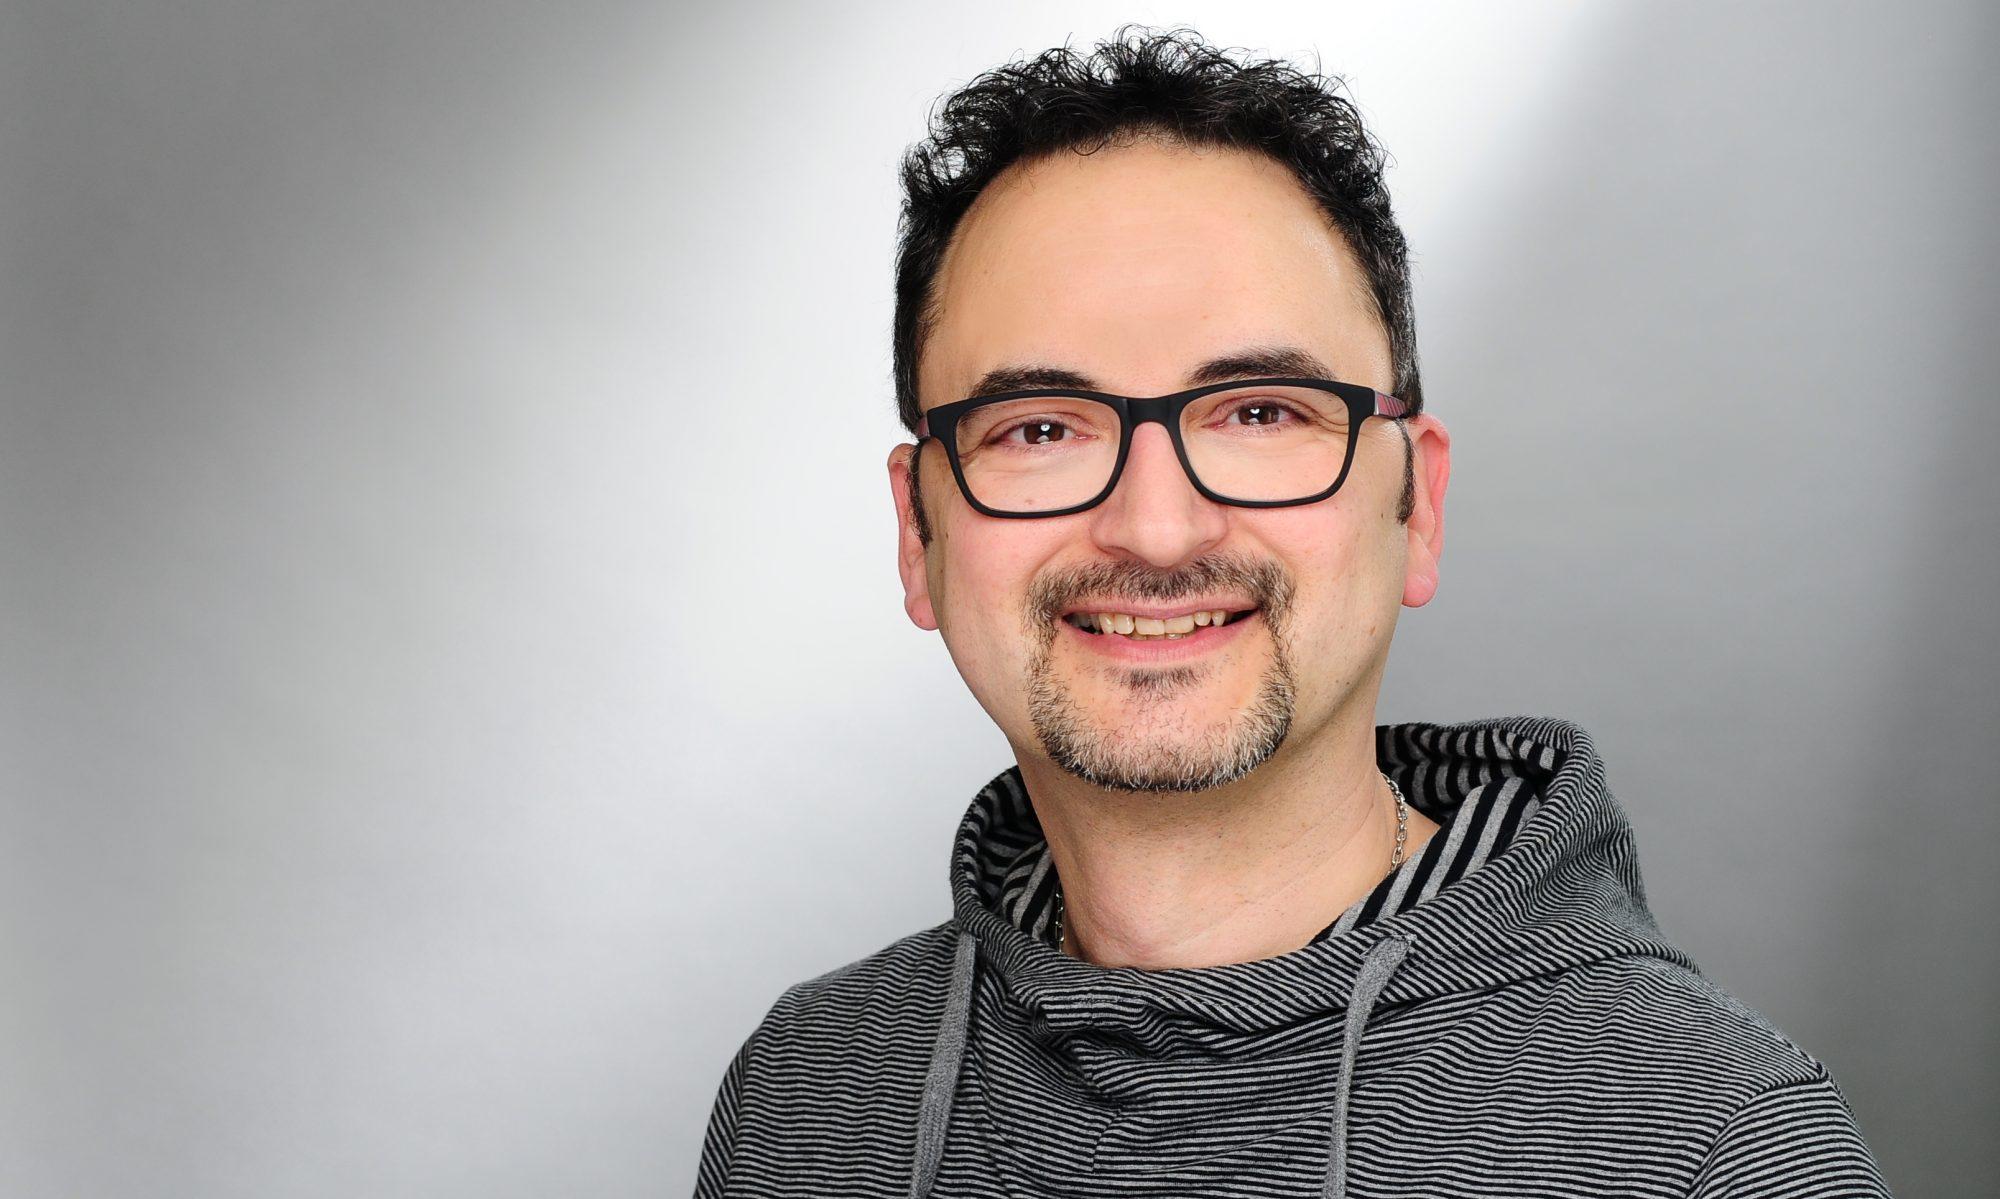 Der Friseurmeister Axel Schulz